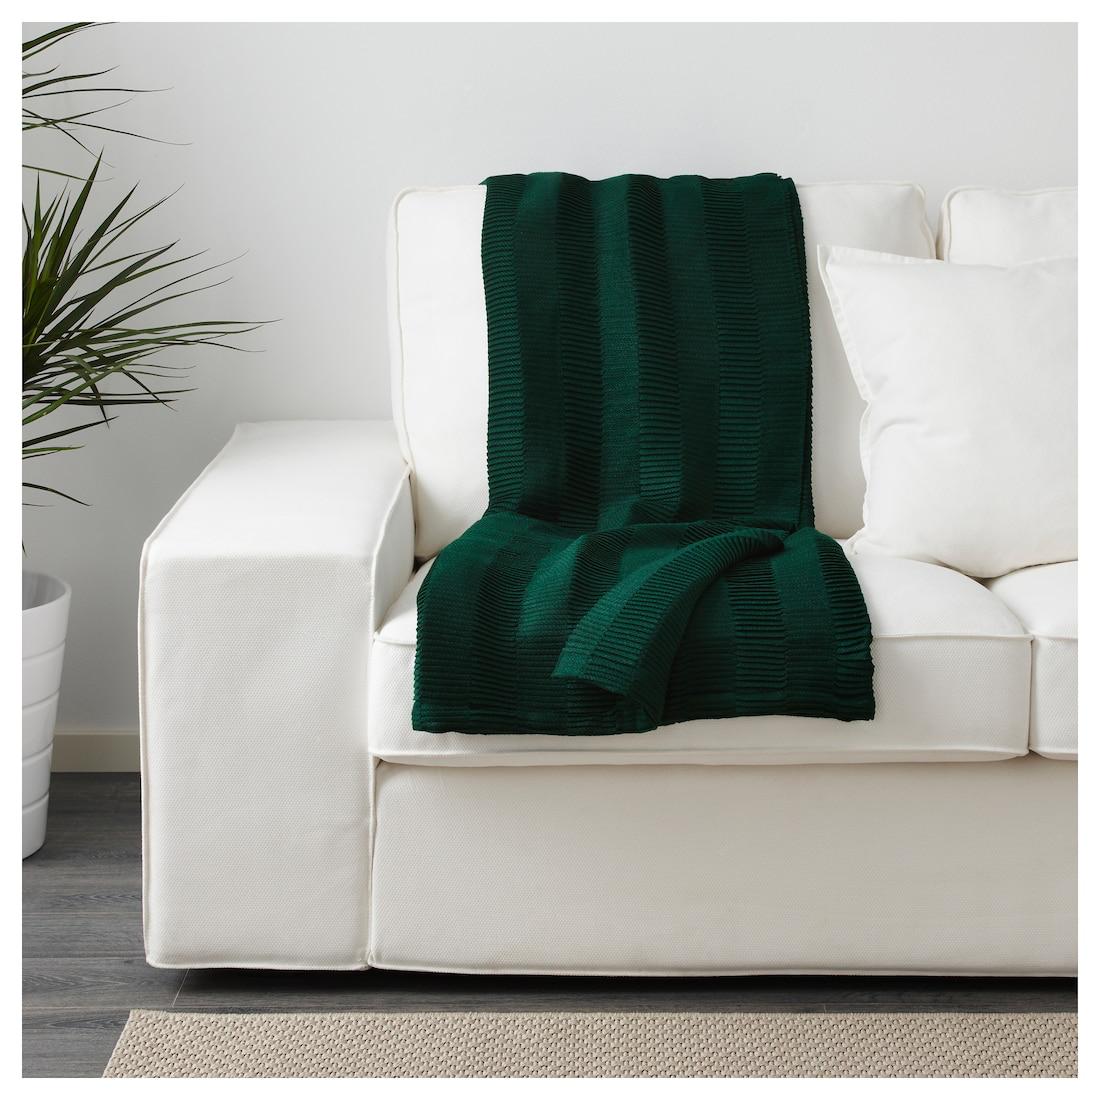 VÄGMÅLLA Throw green IKEA Living room green, Ikea